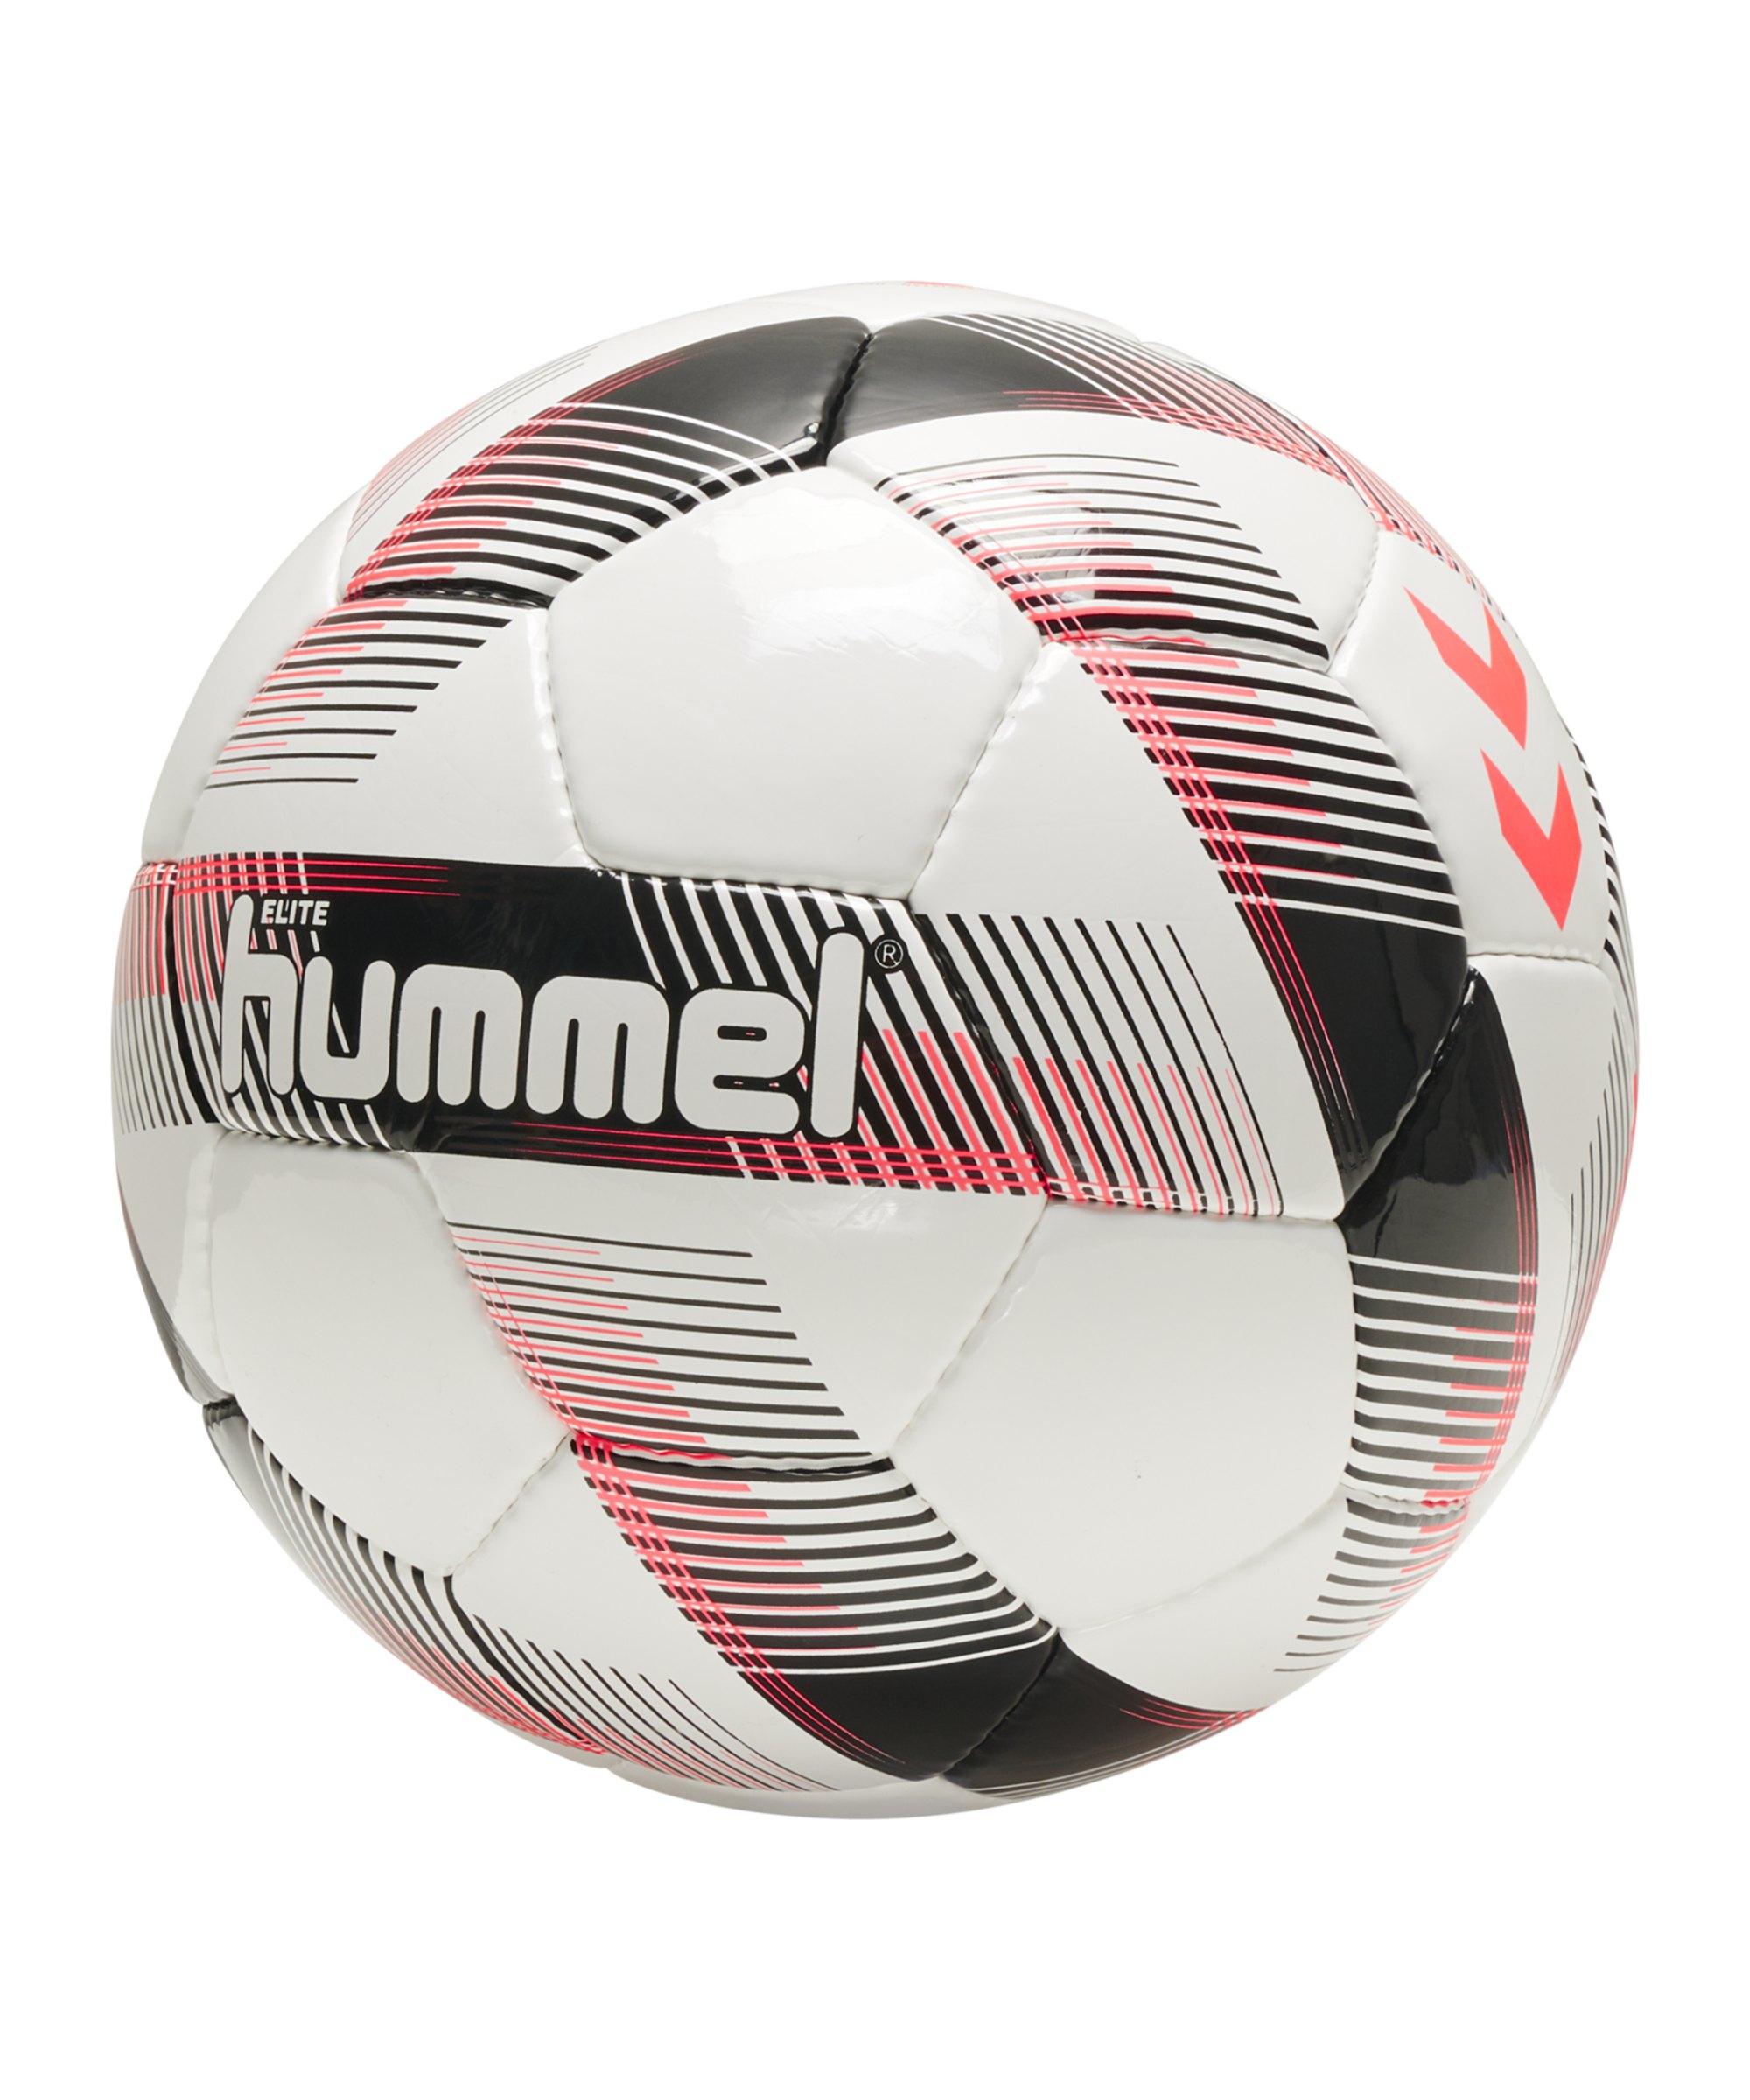 Hummel Elite Fussball Weiss F9031 - weiss